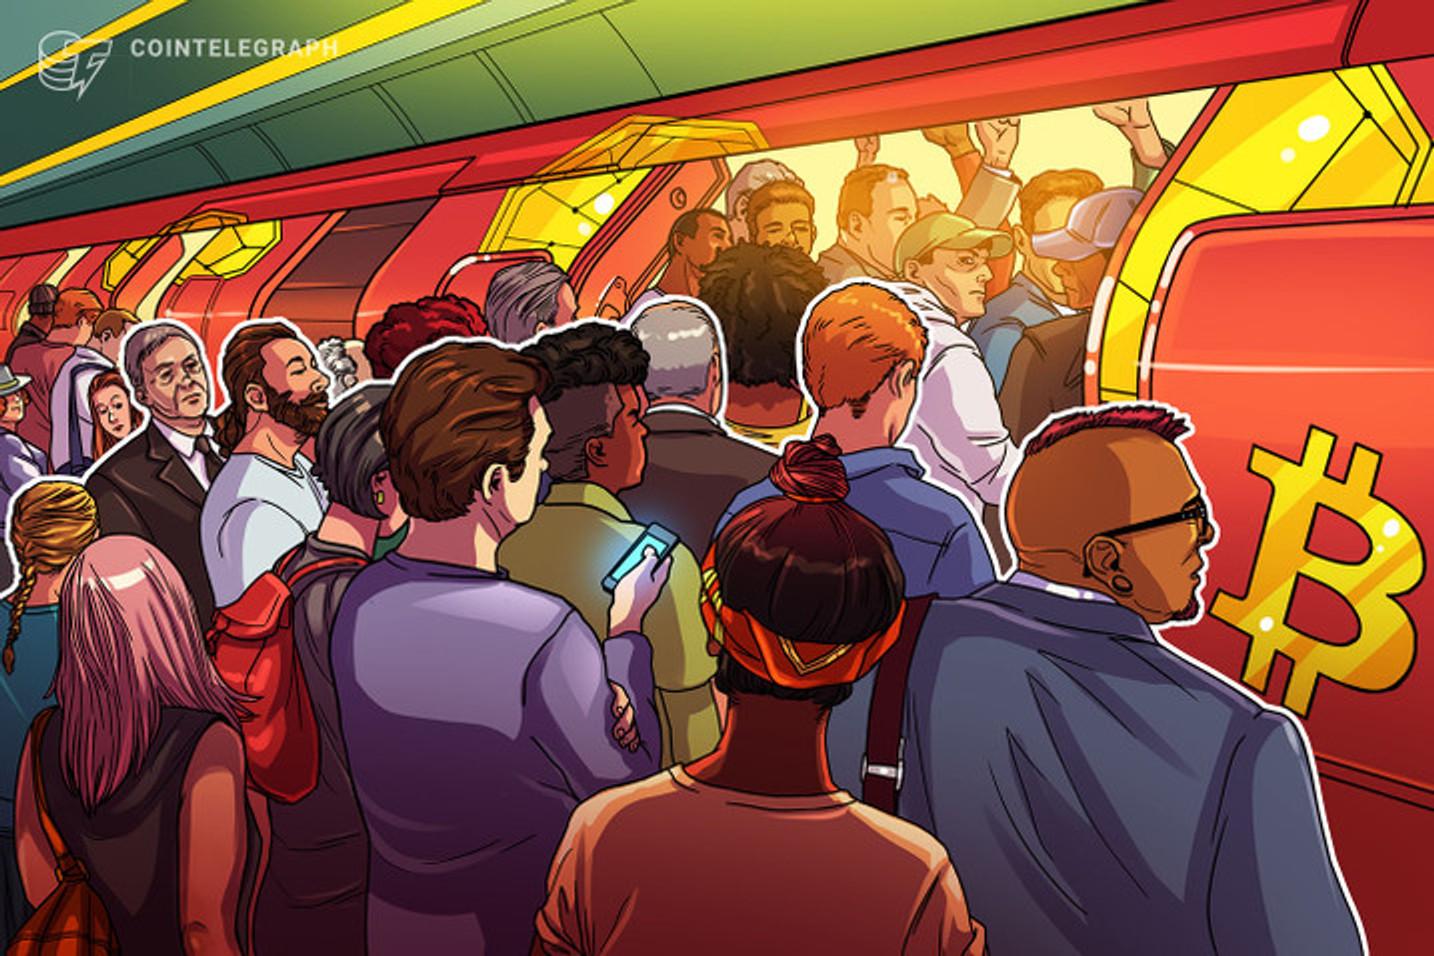 帰ってきたビットコイン投資家たち! 国内の仮想通貨取引所でユーザー回帰の波 |新規口座も急増